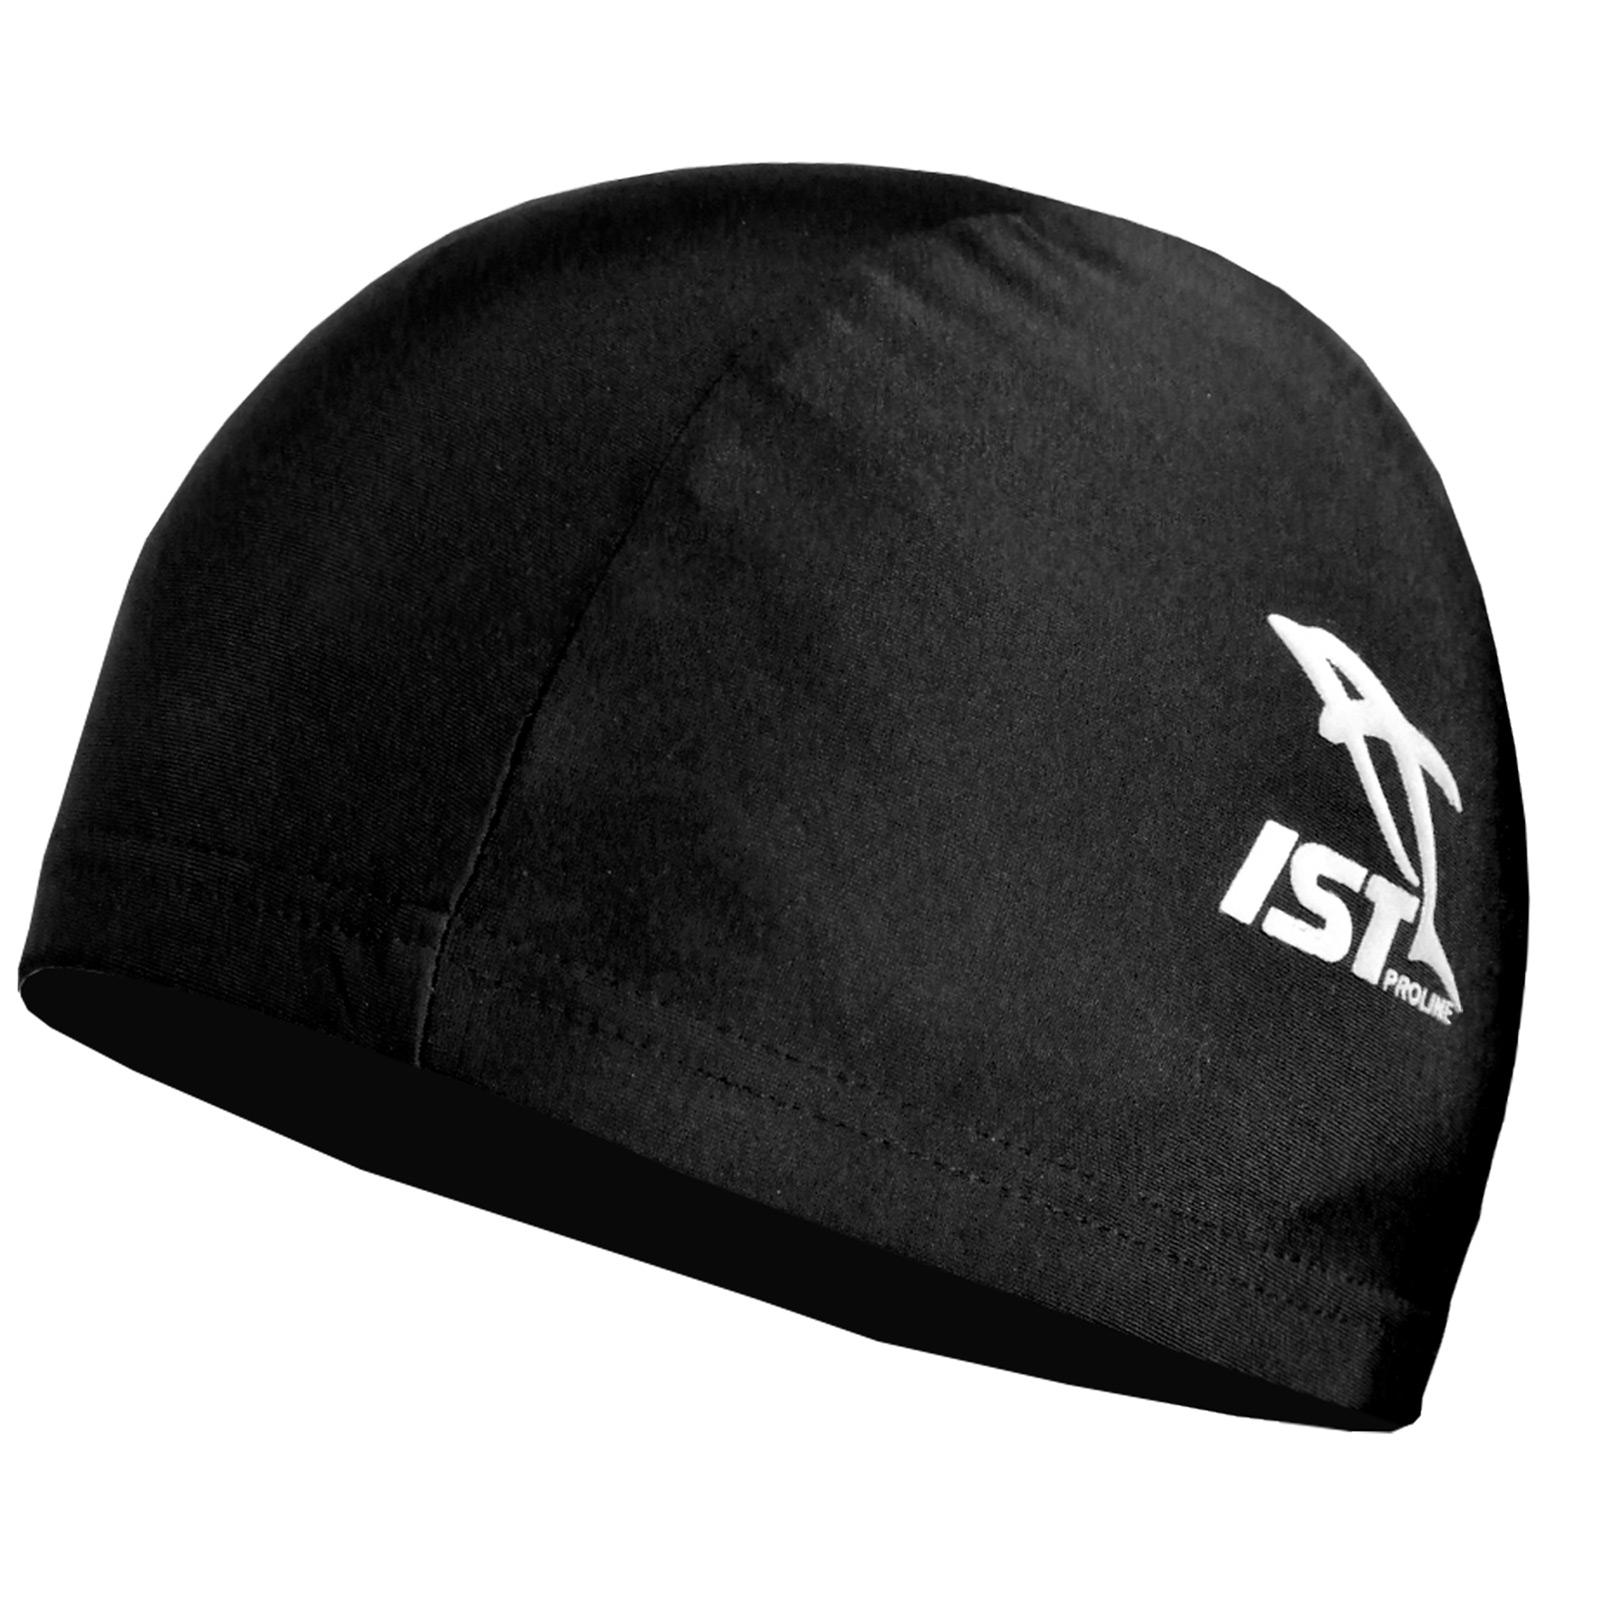 Spandex Swimming Cap